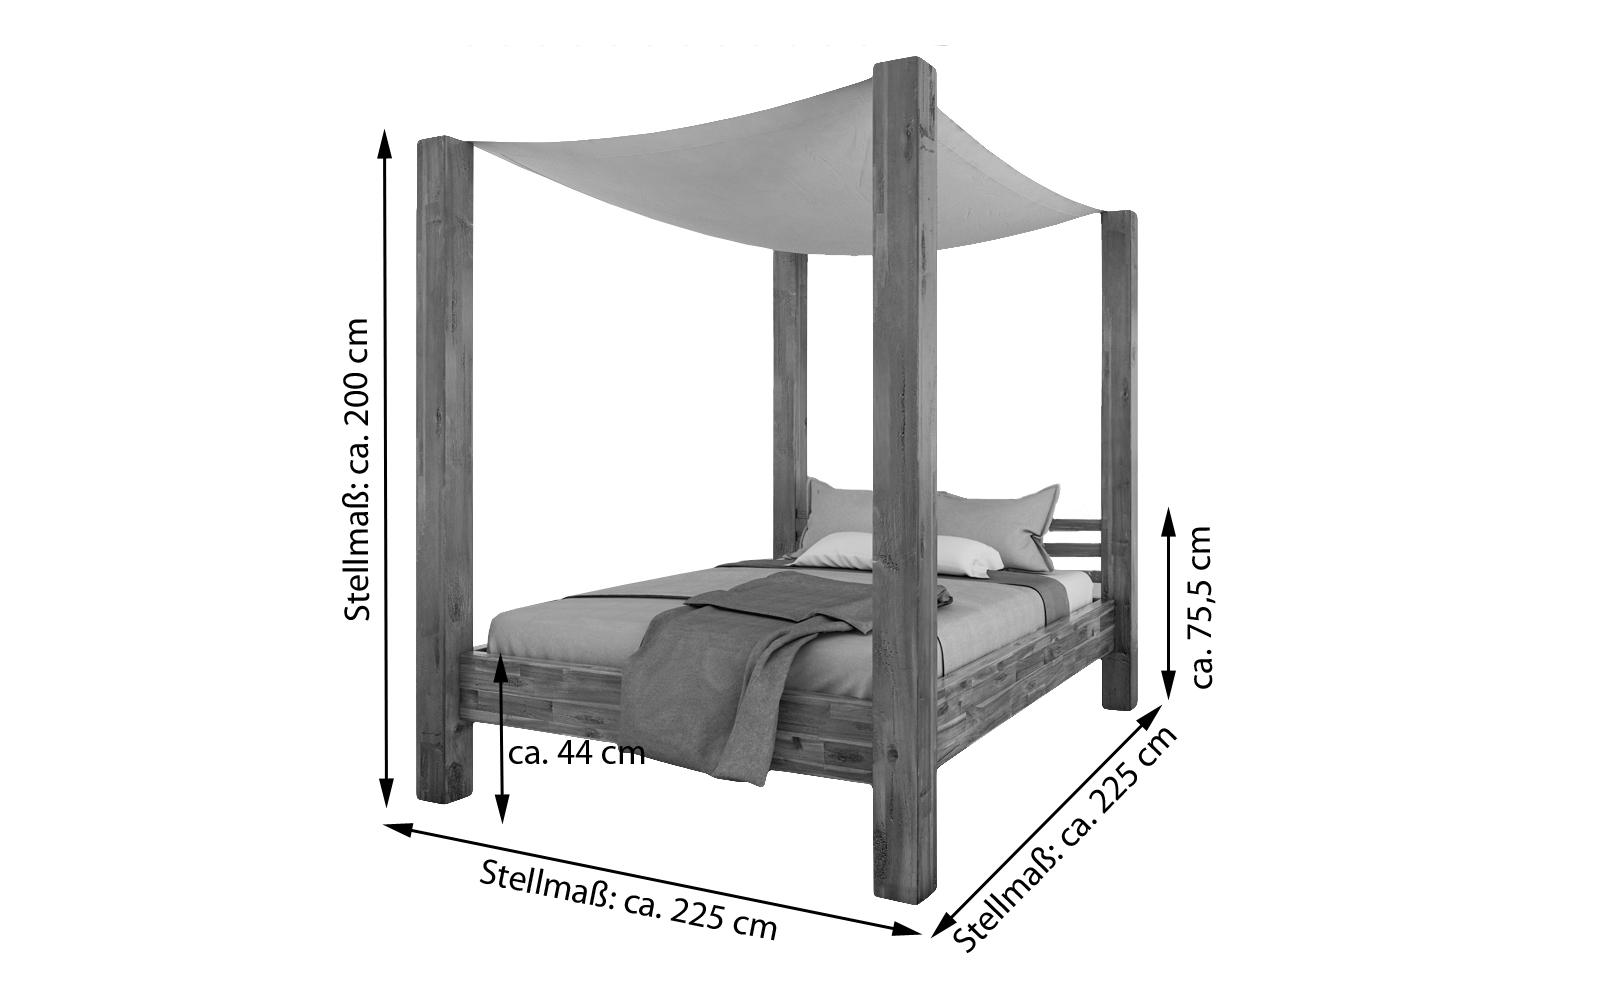 sale himmelbett 200x200 cm massivholzbett inkl himmel. Black Bedroom Furniture Sets. Home Design Ideas